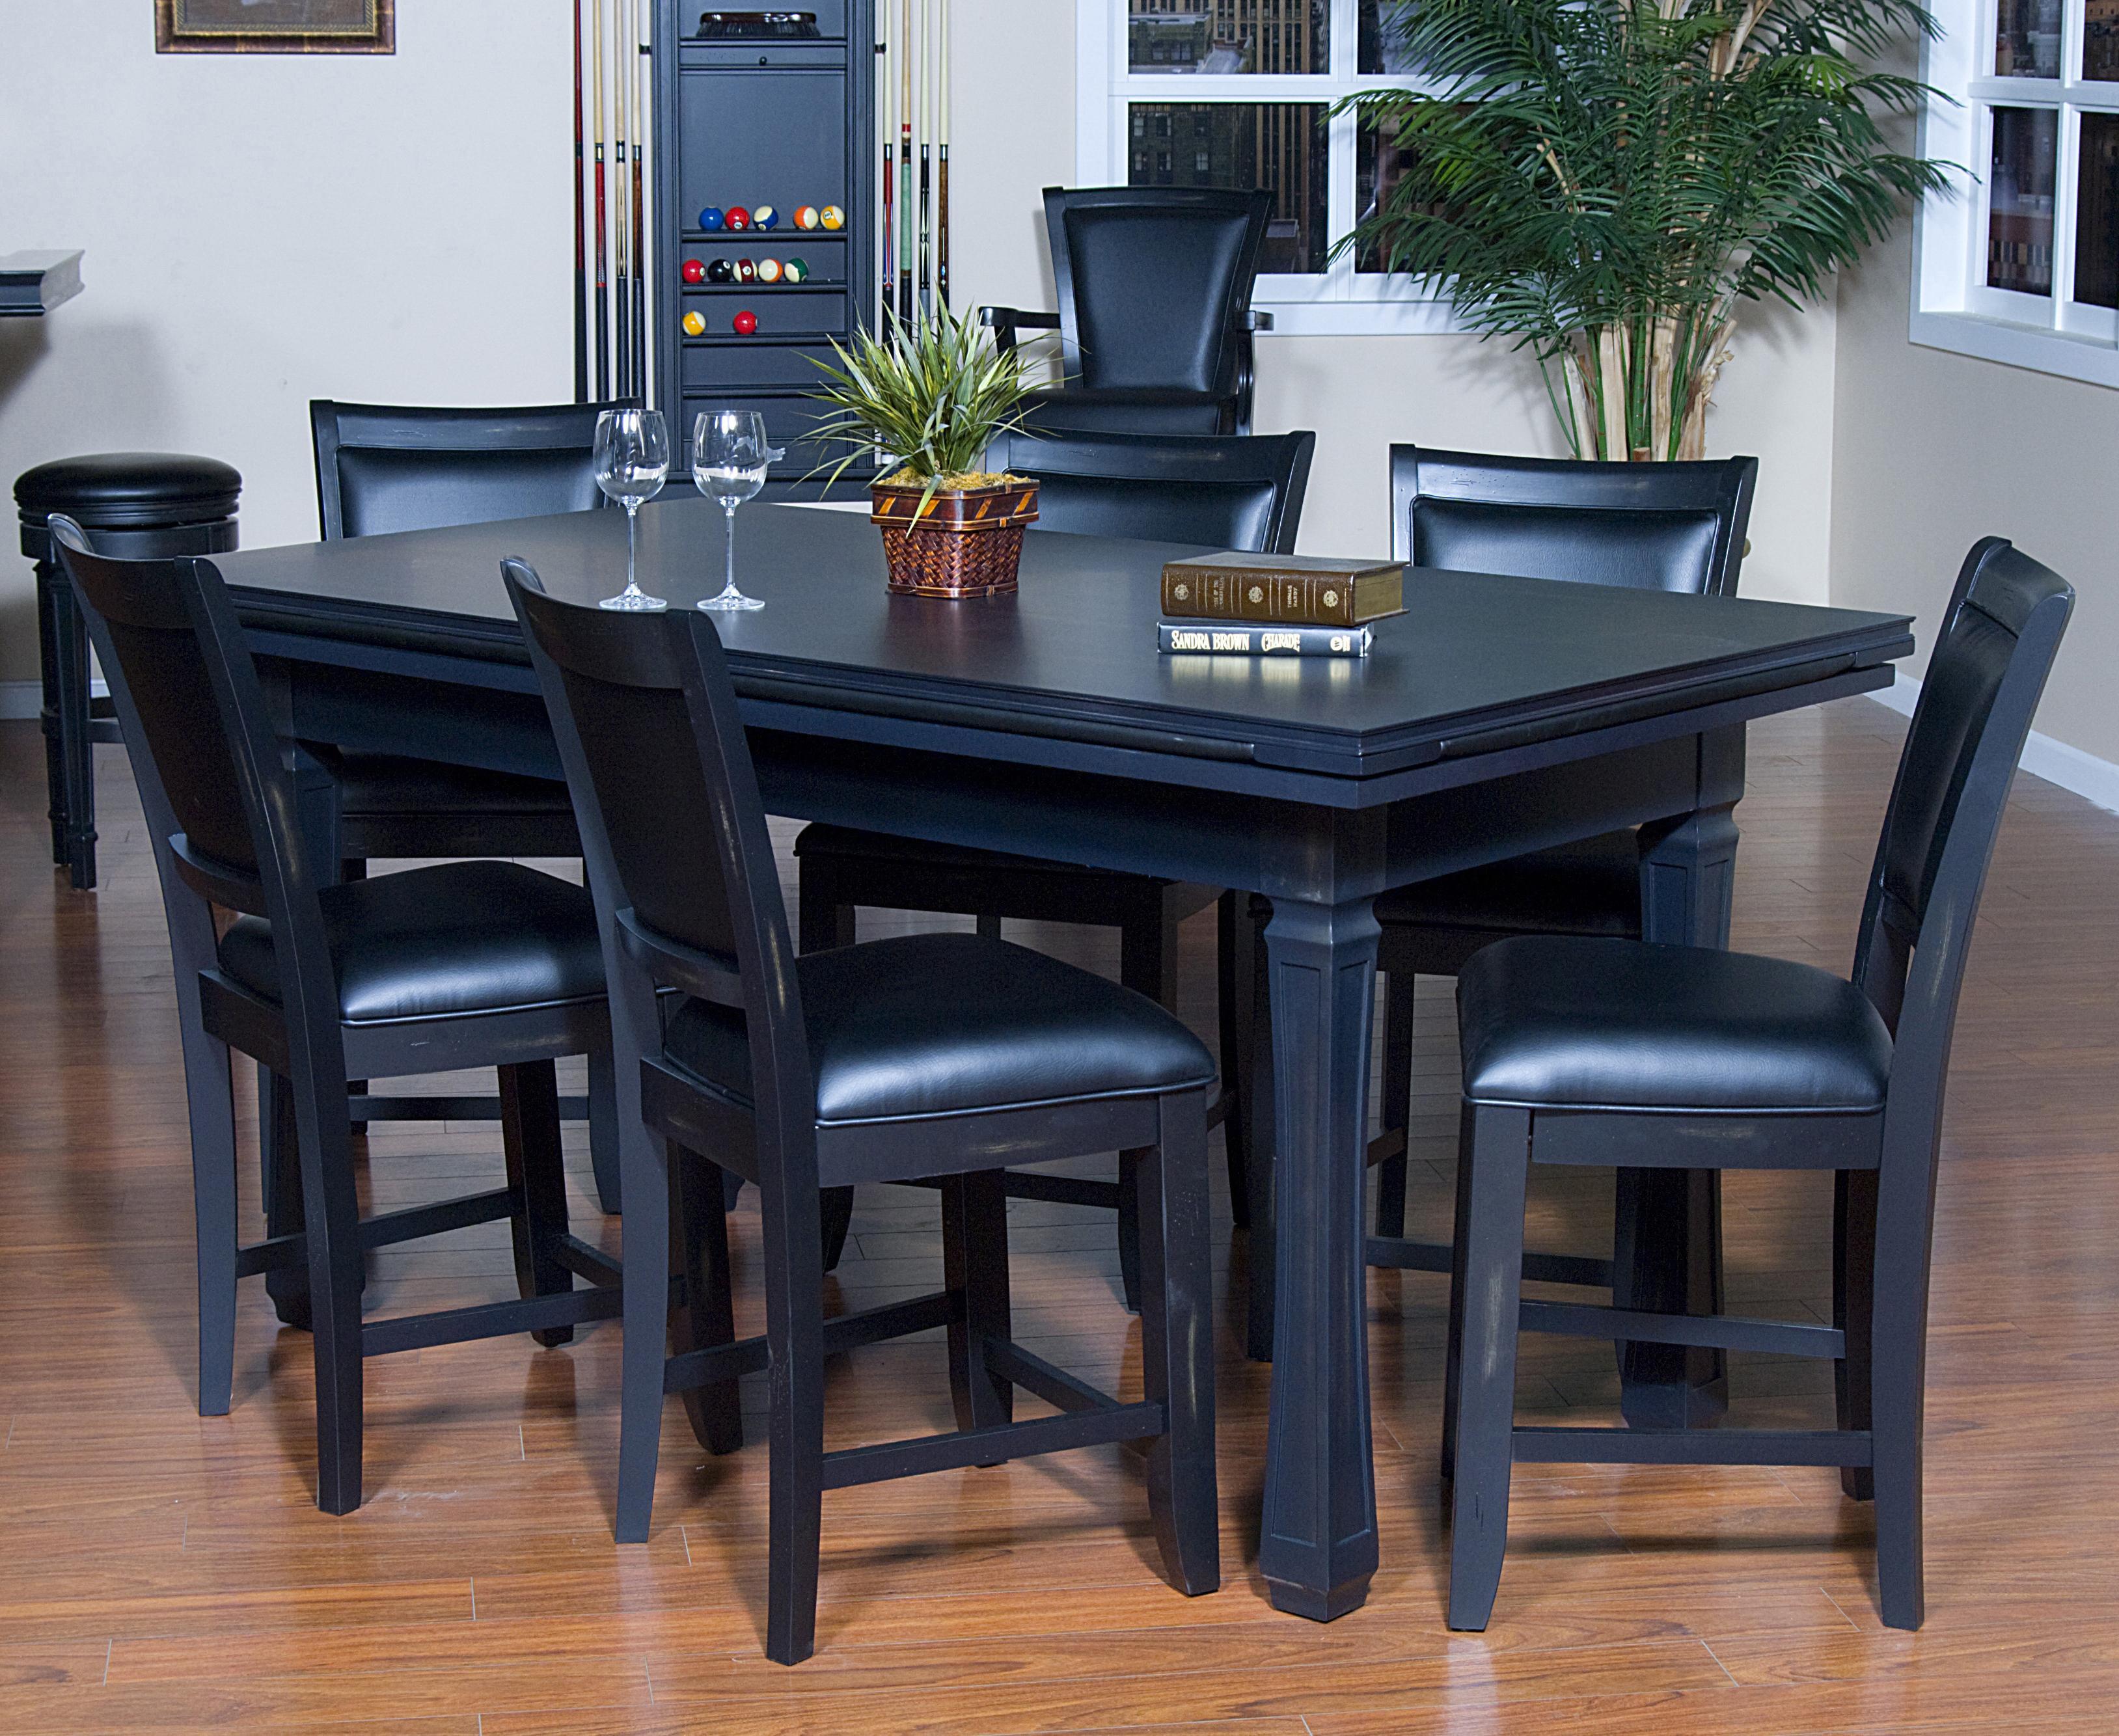 American Heritage Billiards Burlington 7 Piece Craps Table And